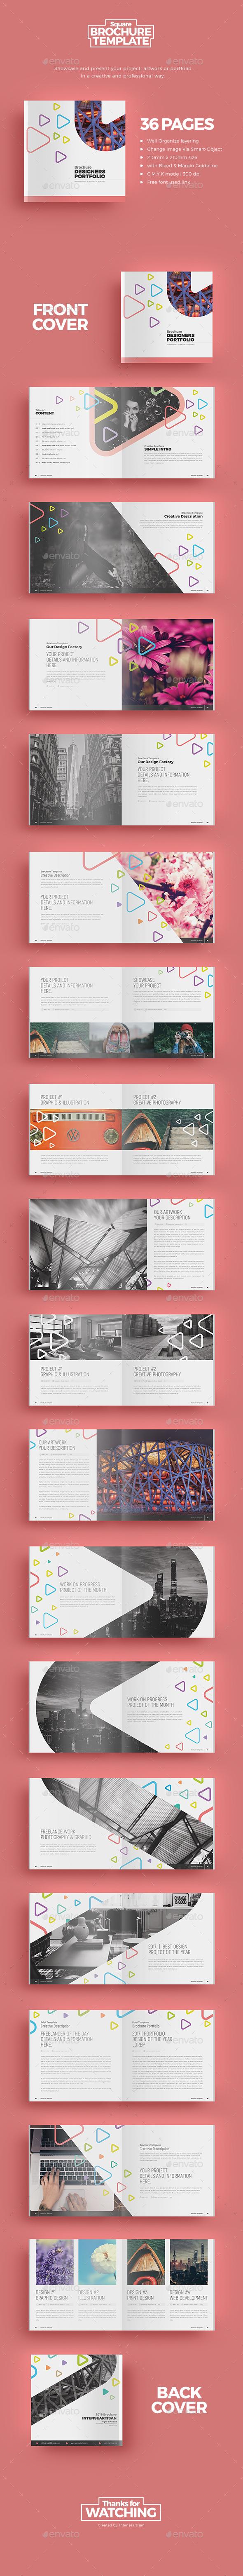 Square Brochure 3 - Brochures Print Templates